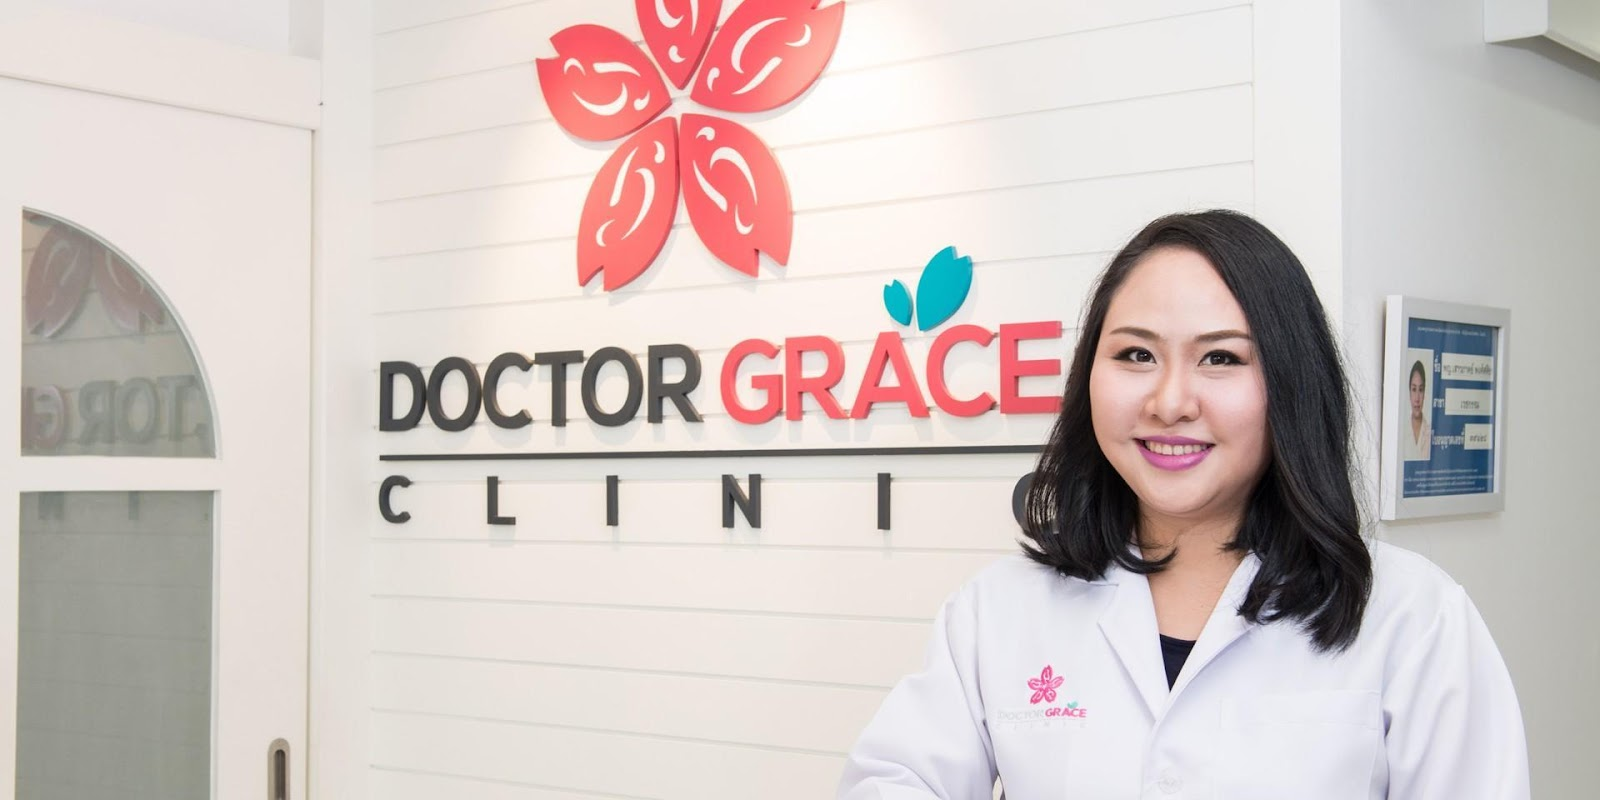 Doctor Grace Clinic คลินิกปรับรูปหน้าอันดับ1 ที่พริตตี้ให้ความไว้ ...